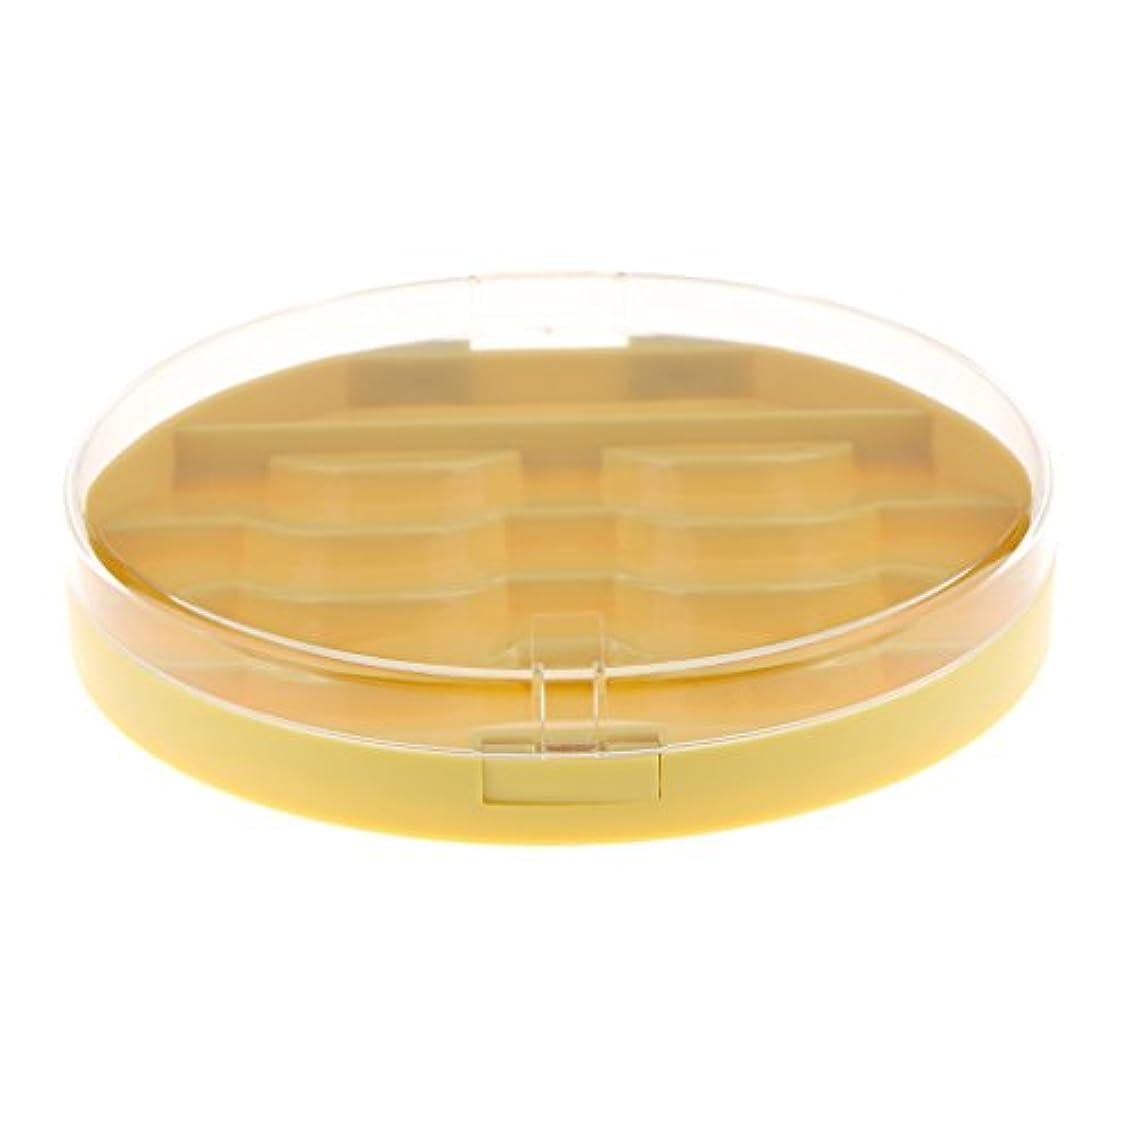 住む側痴漢Baosity 付けまつげ収納ケース 付けまつげ ラッシュ まつげ メイクアップ 2色選択 - 黄